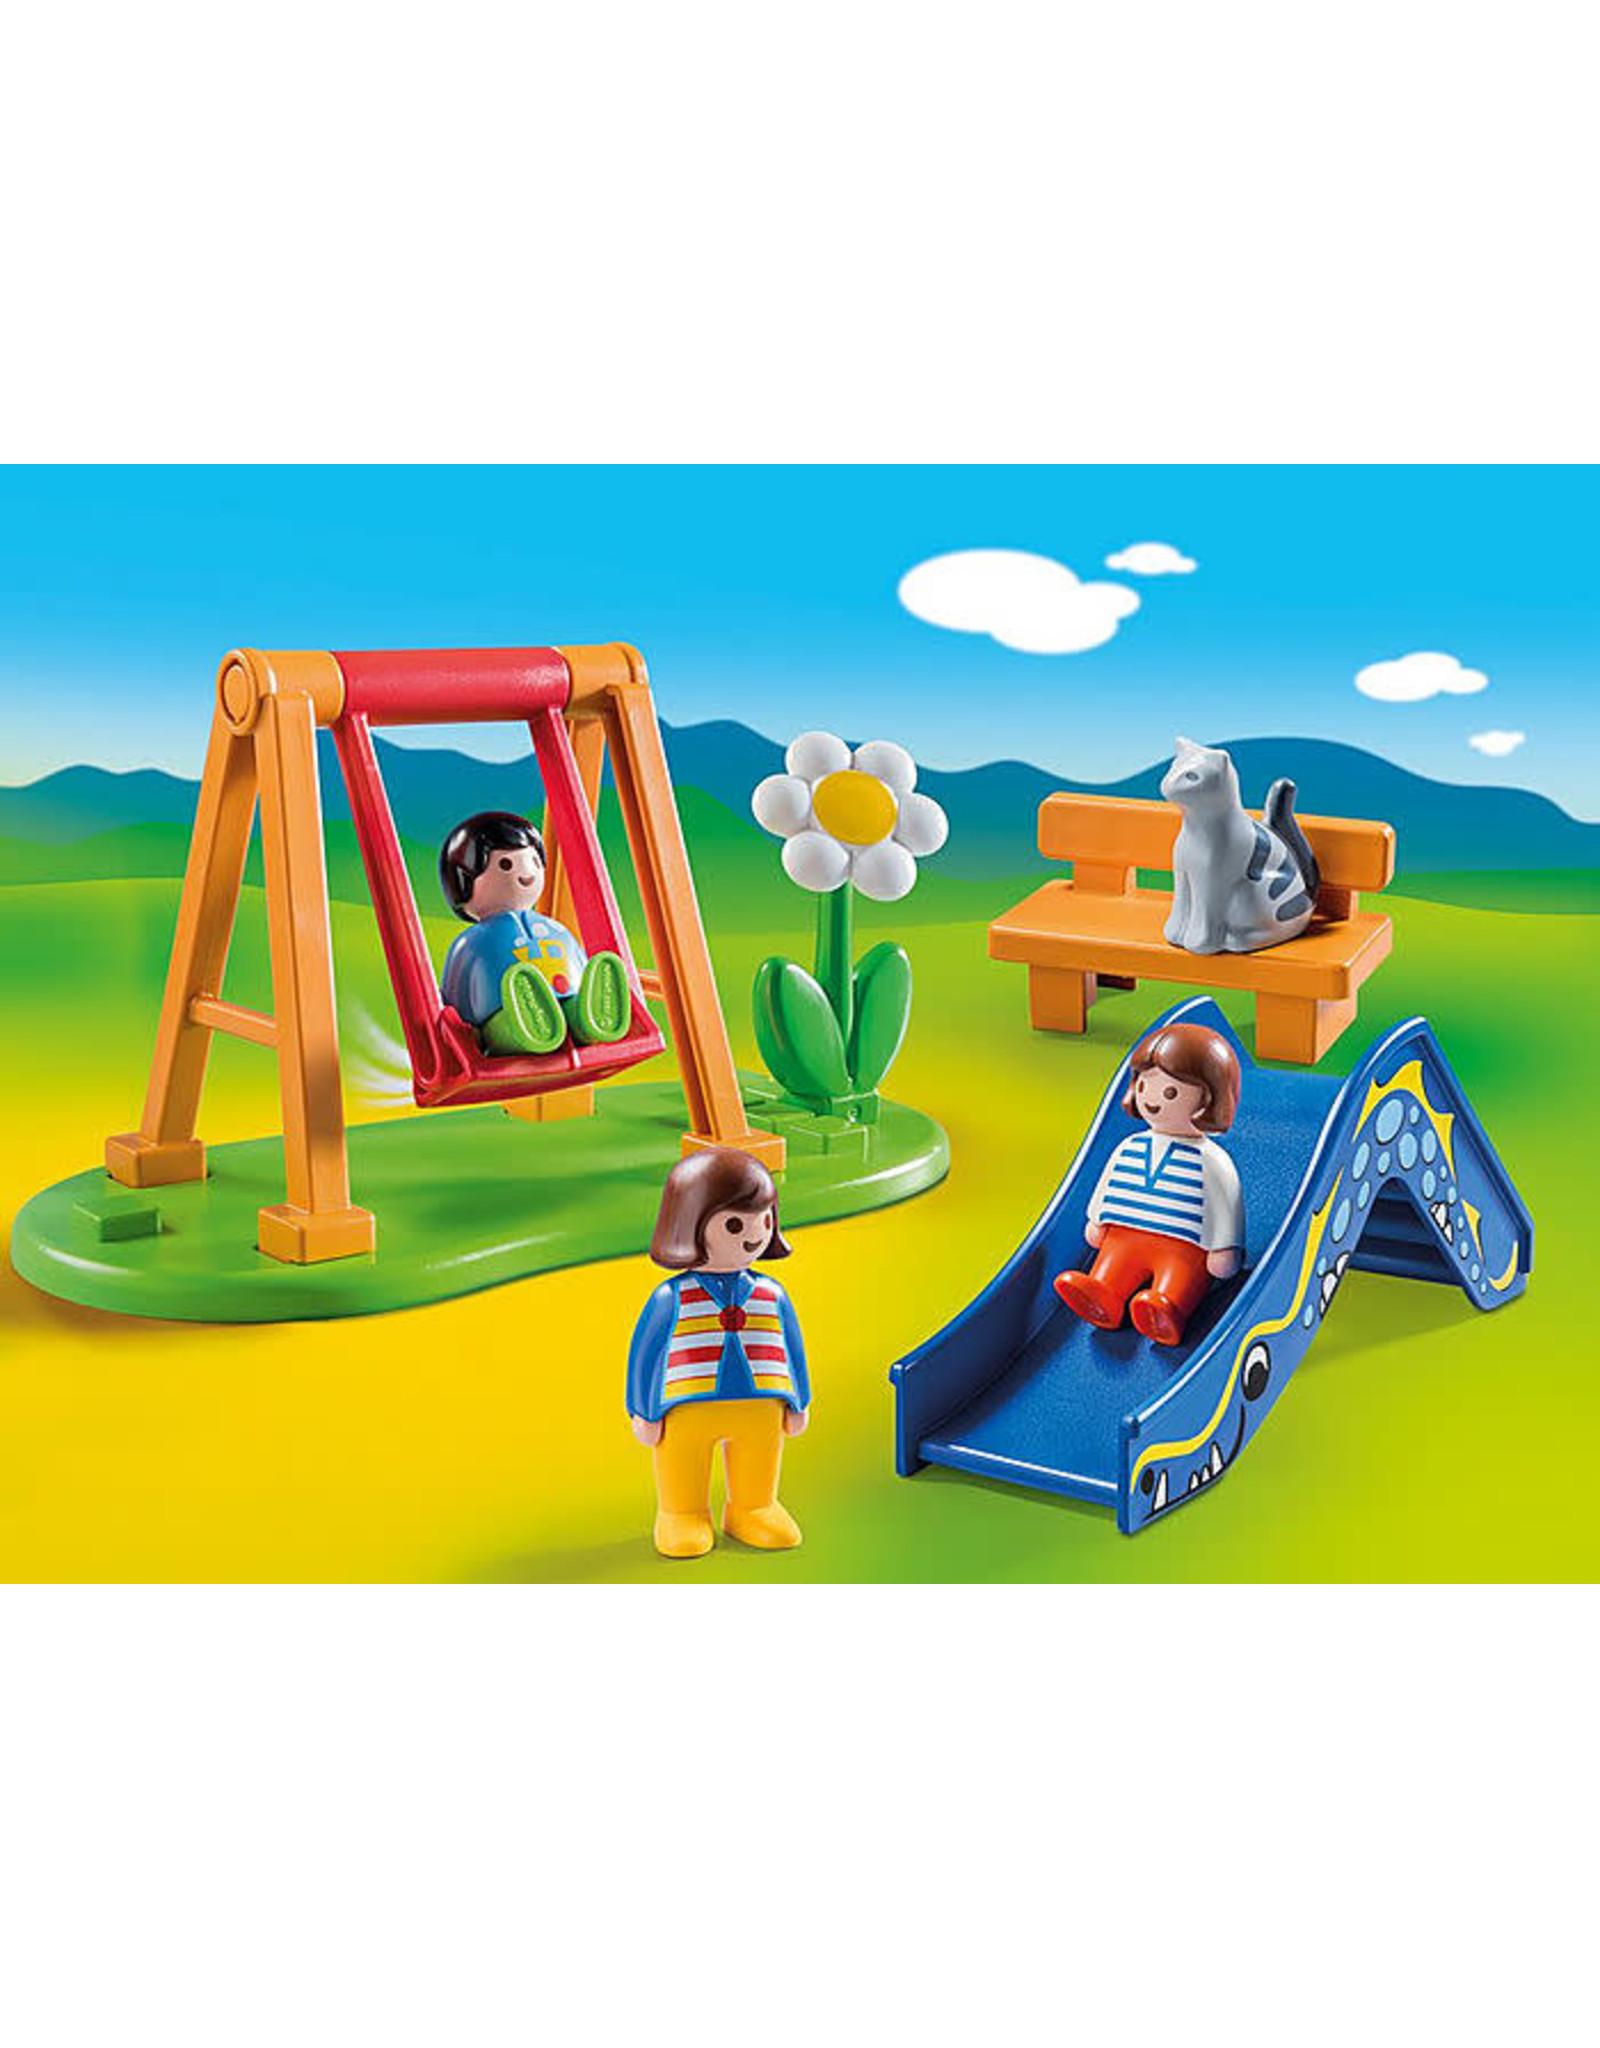 Playmobil 1.2.3 Children's Playground